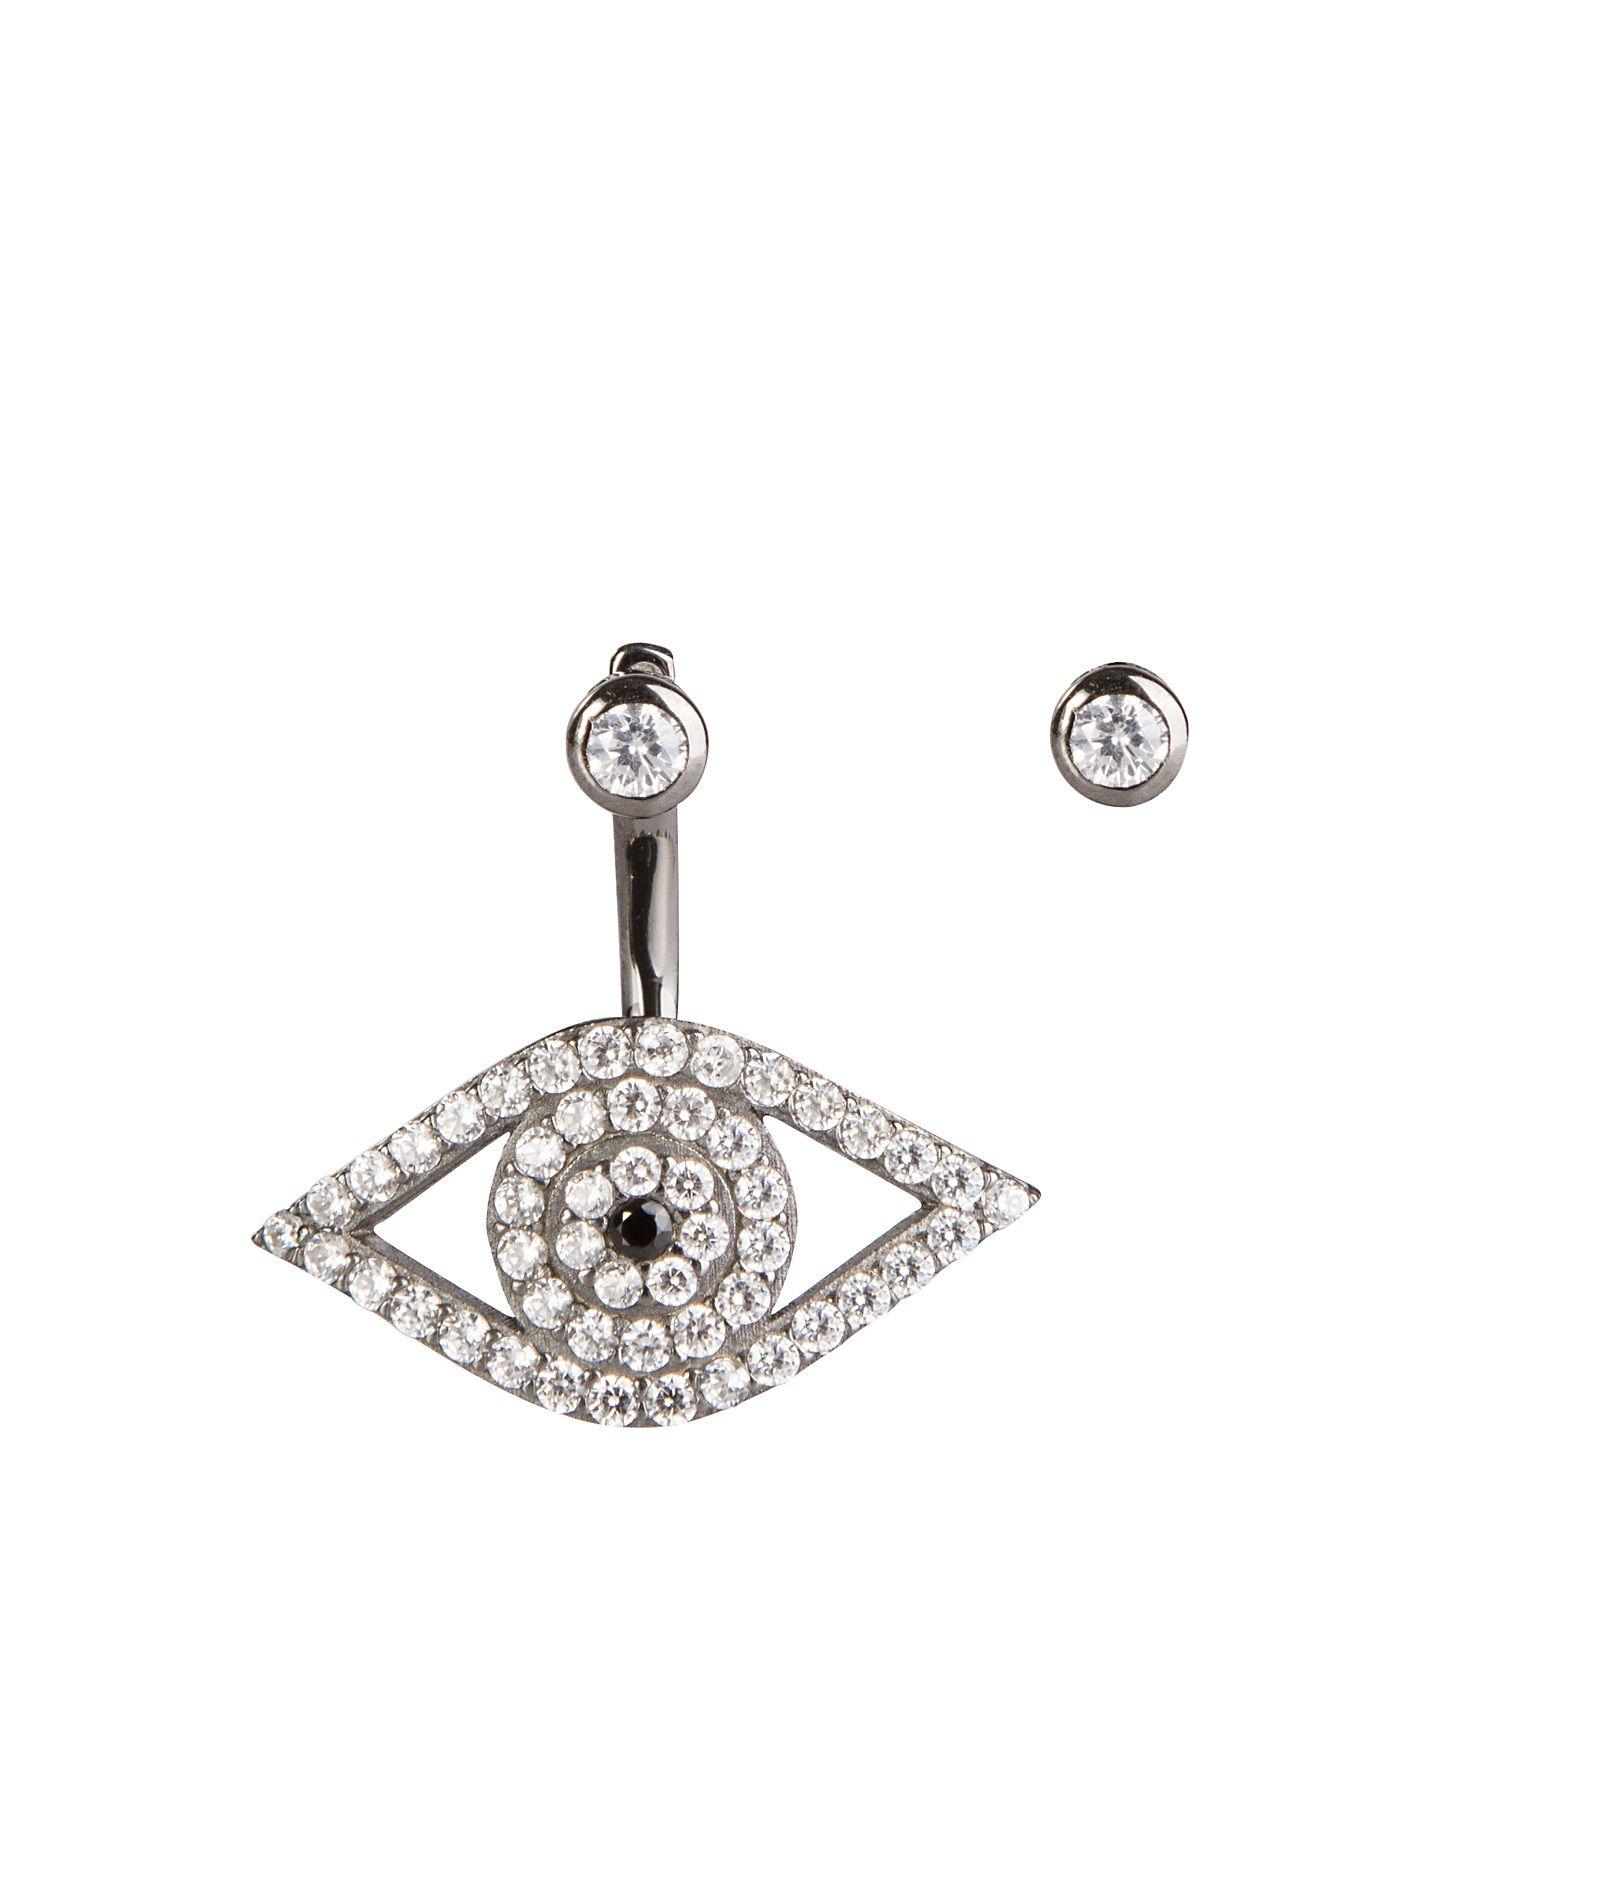 Black Eye Ear Cuff by La Vie jewelry